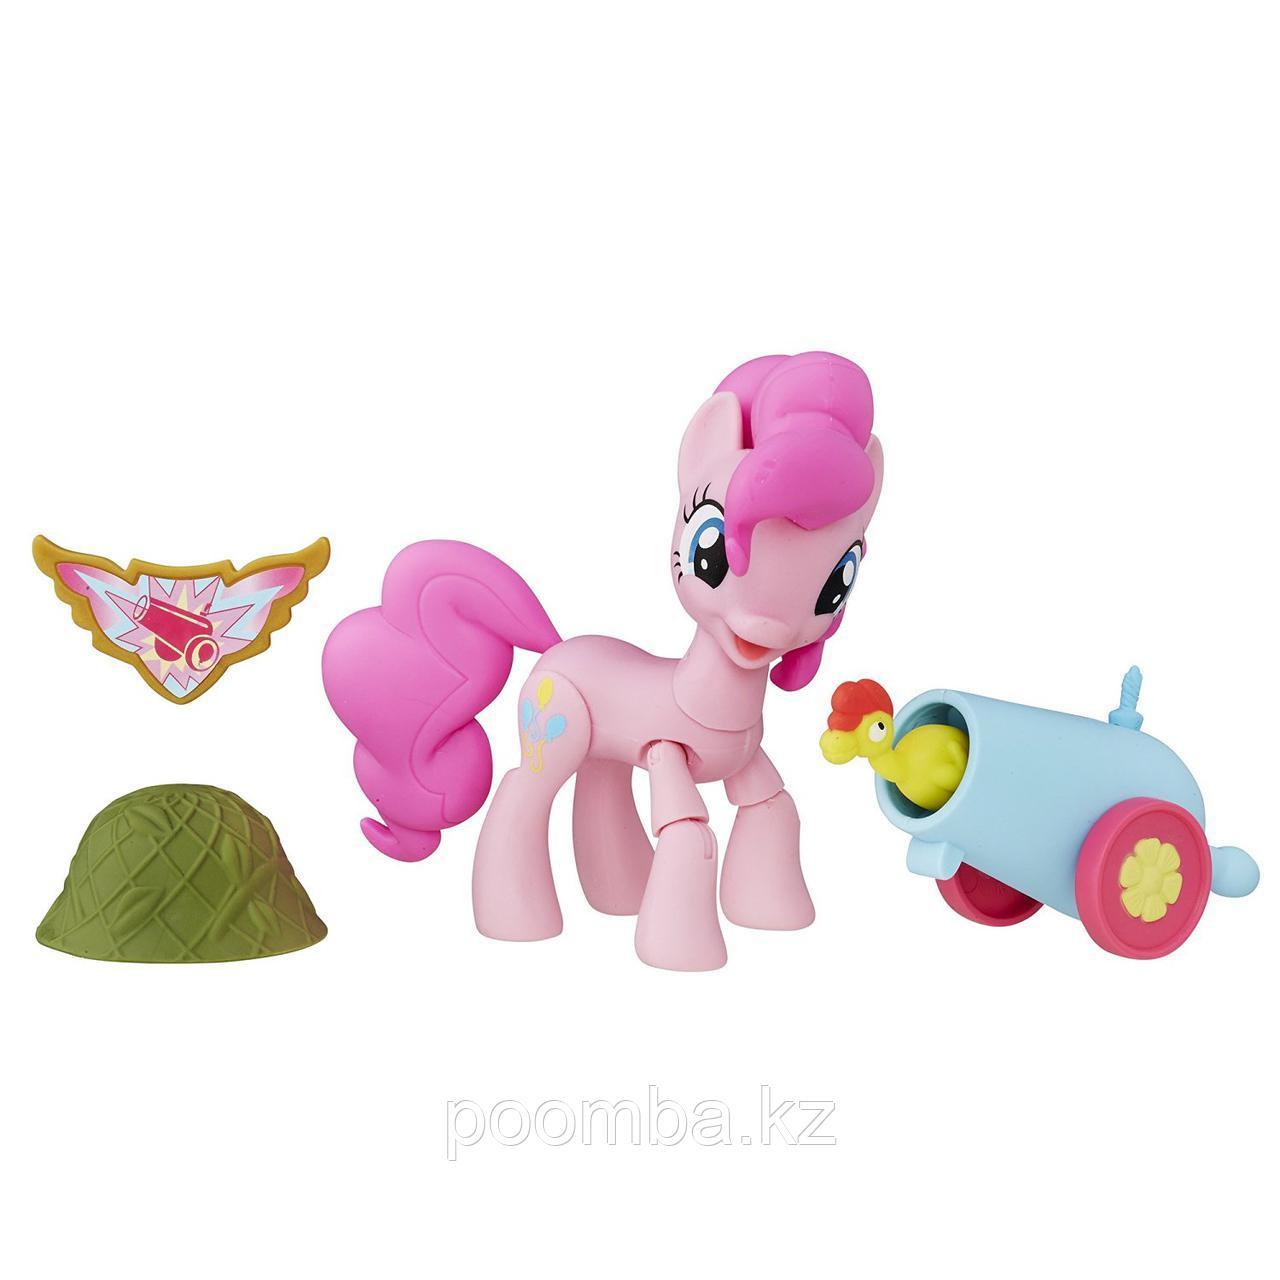 My Little Pony Пинки Пай с Артикуляцией